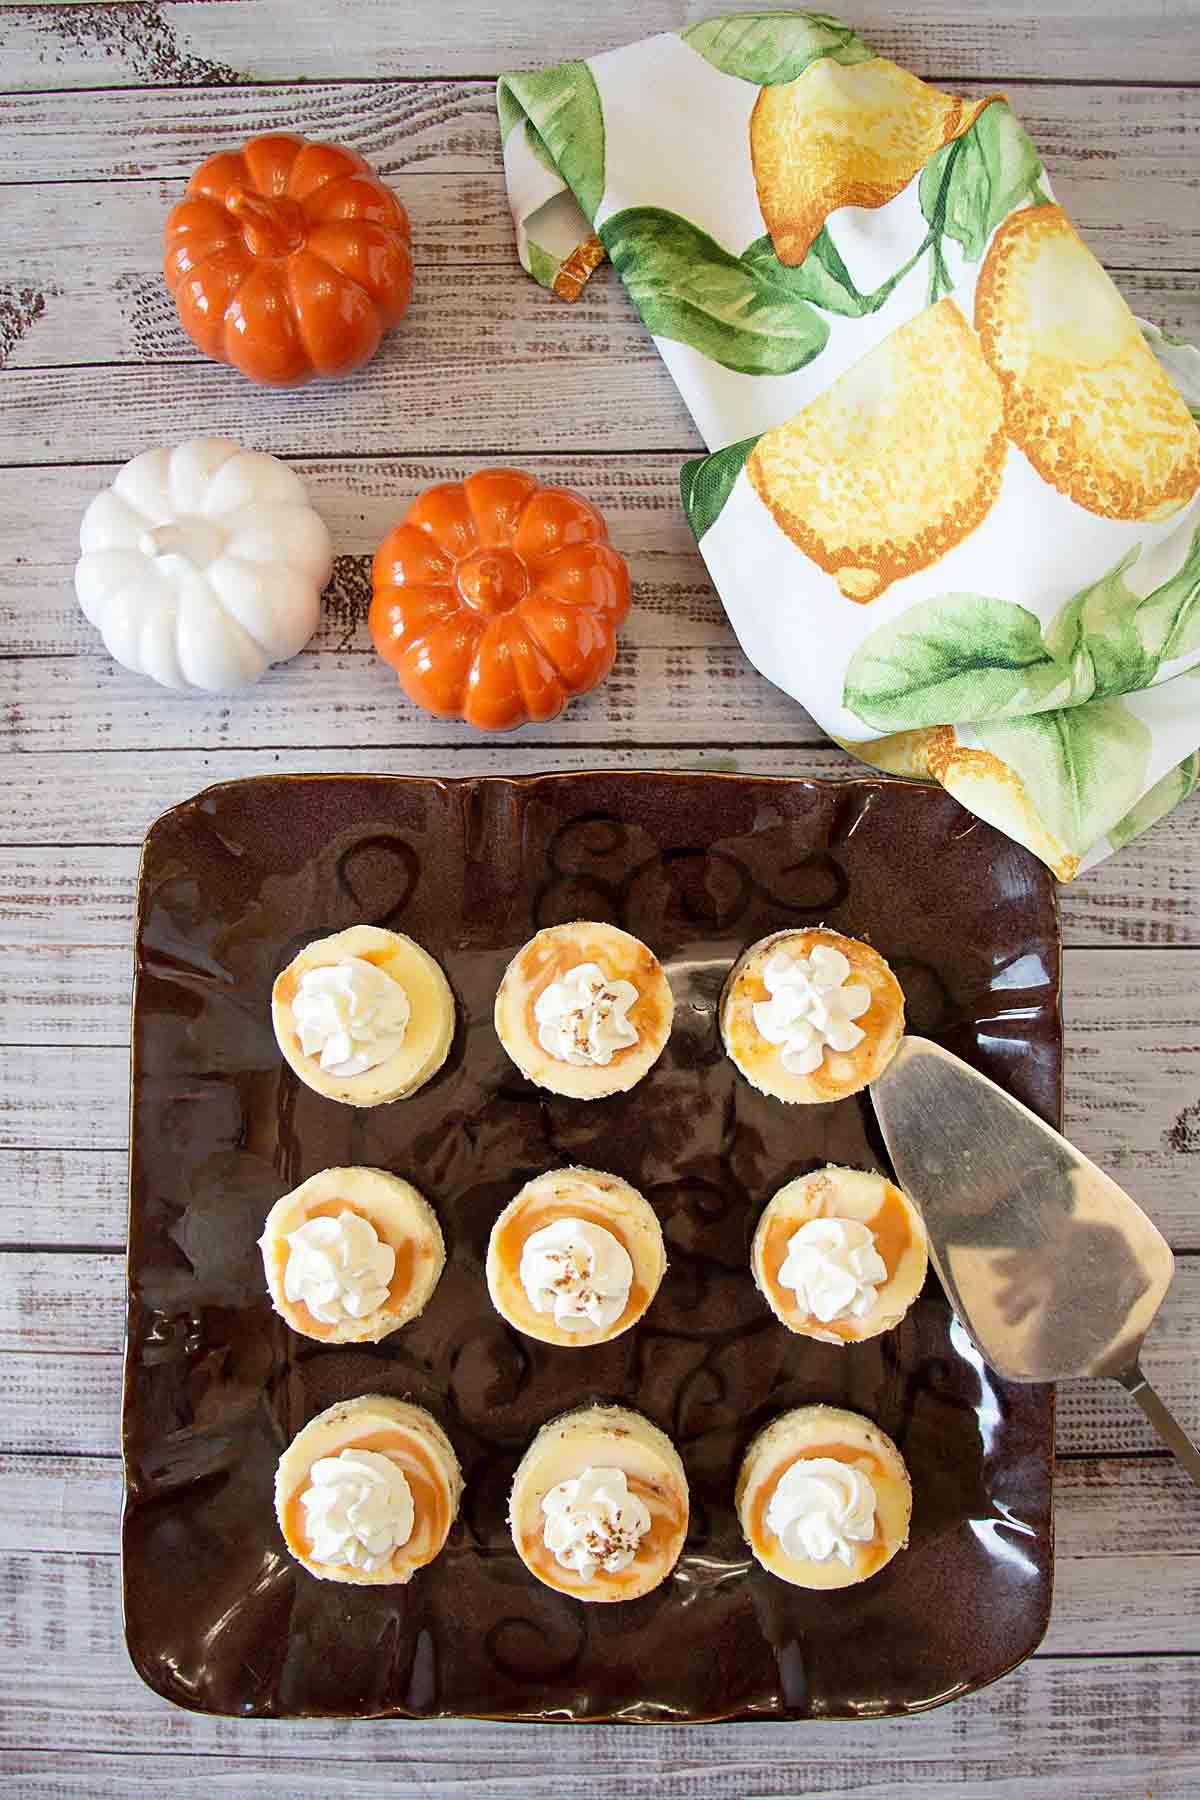 With golden swirls of pumpkin and cinnamon atop a graham cracker crust, mini pumpkin cheesecake is a fun fall dessert!